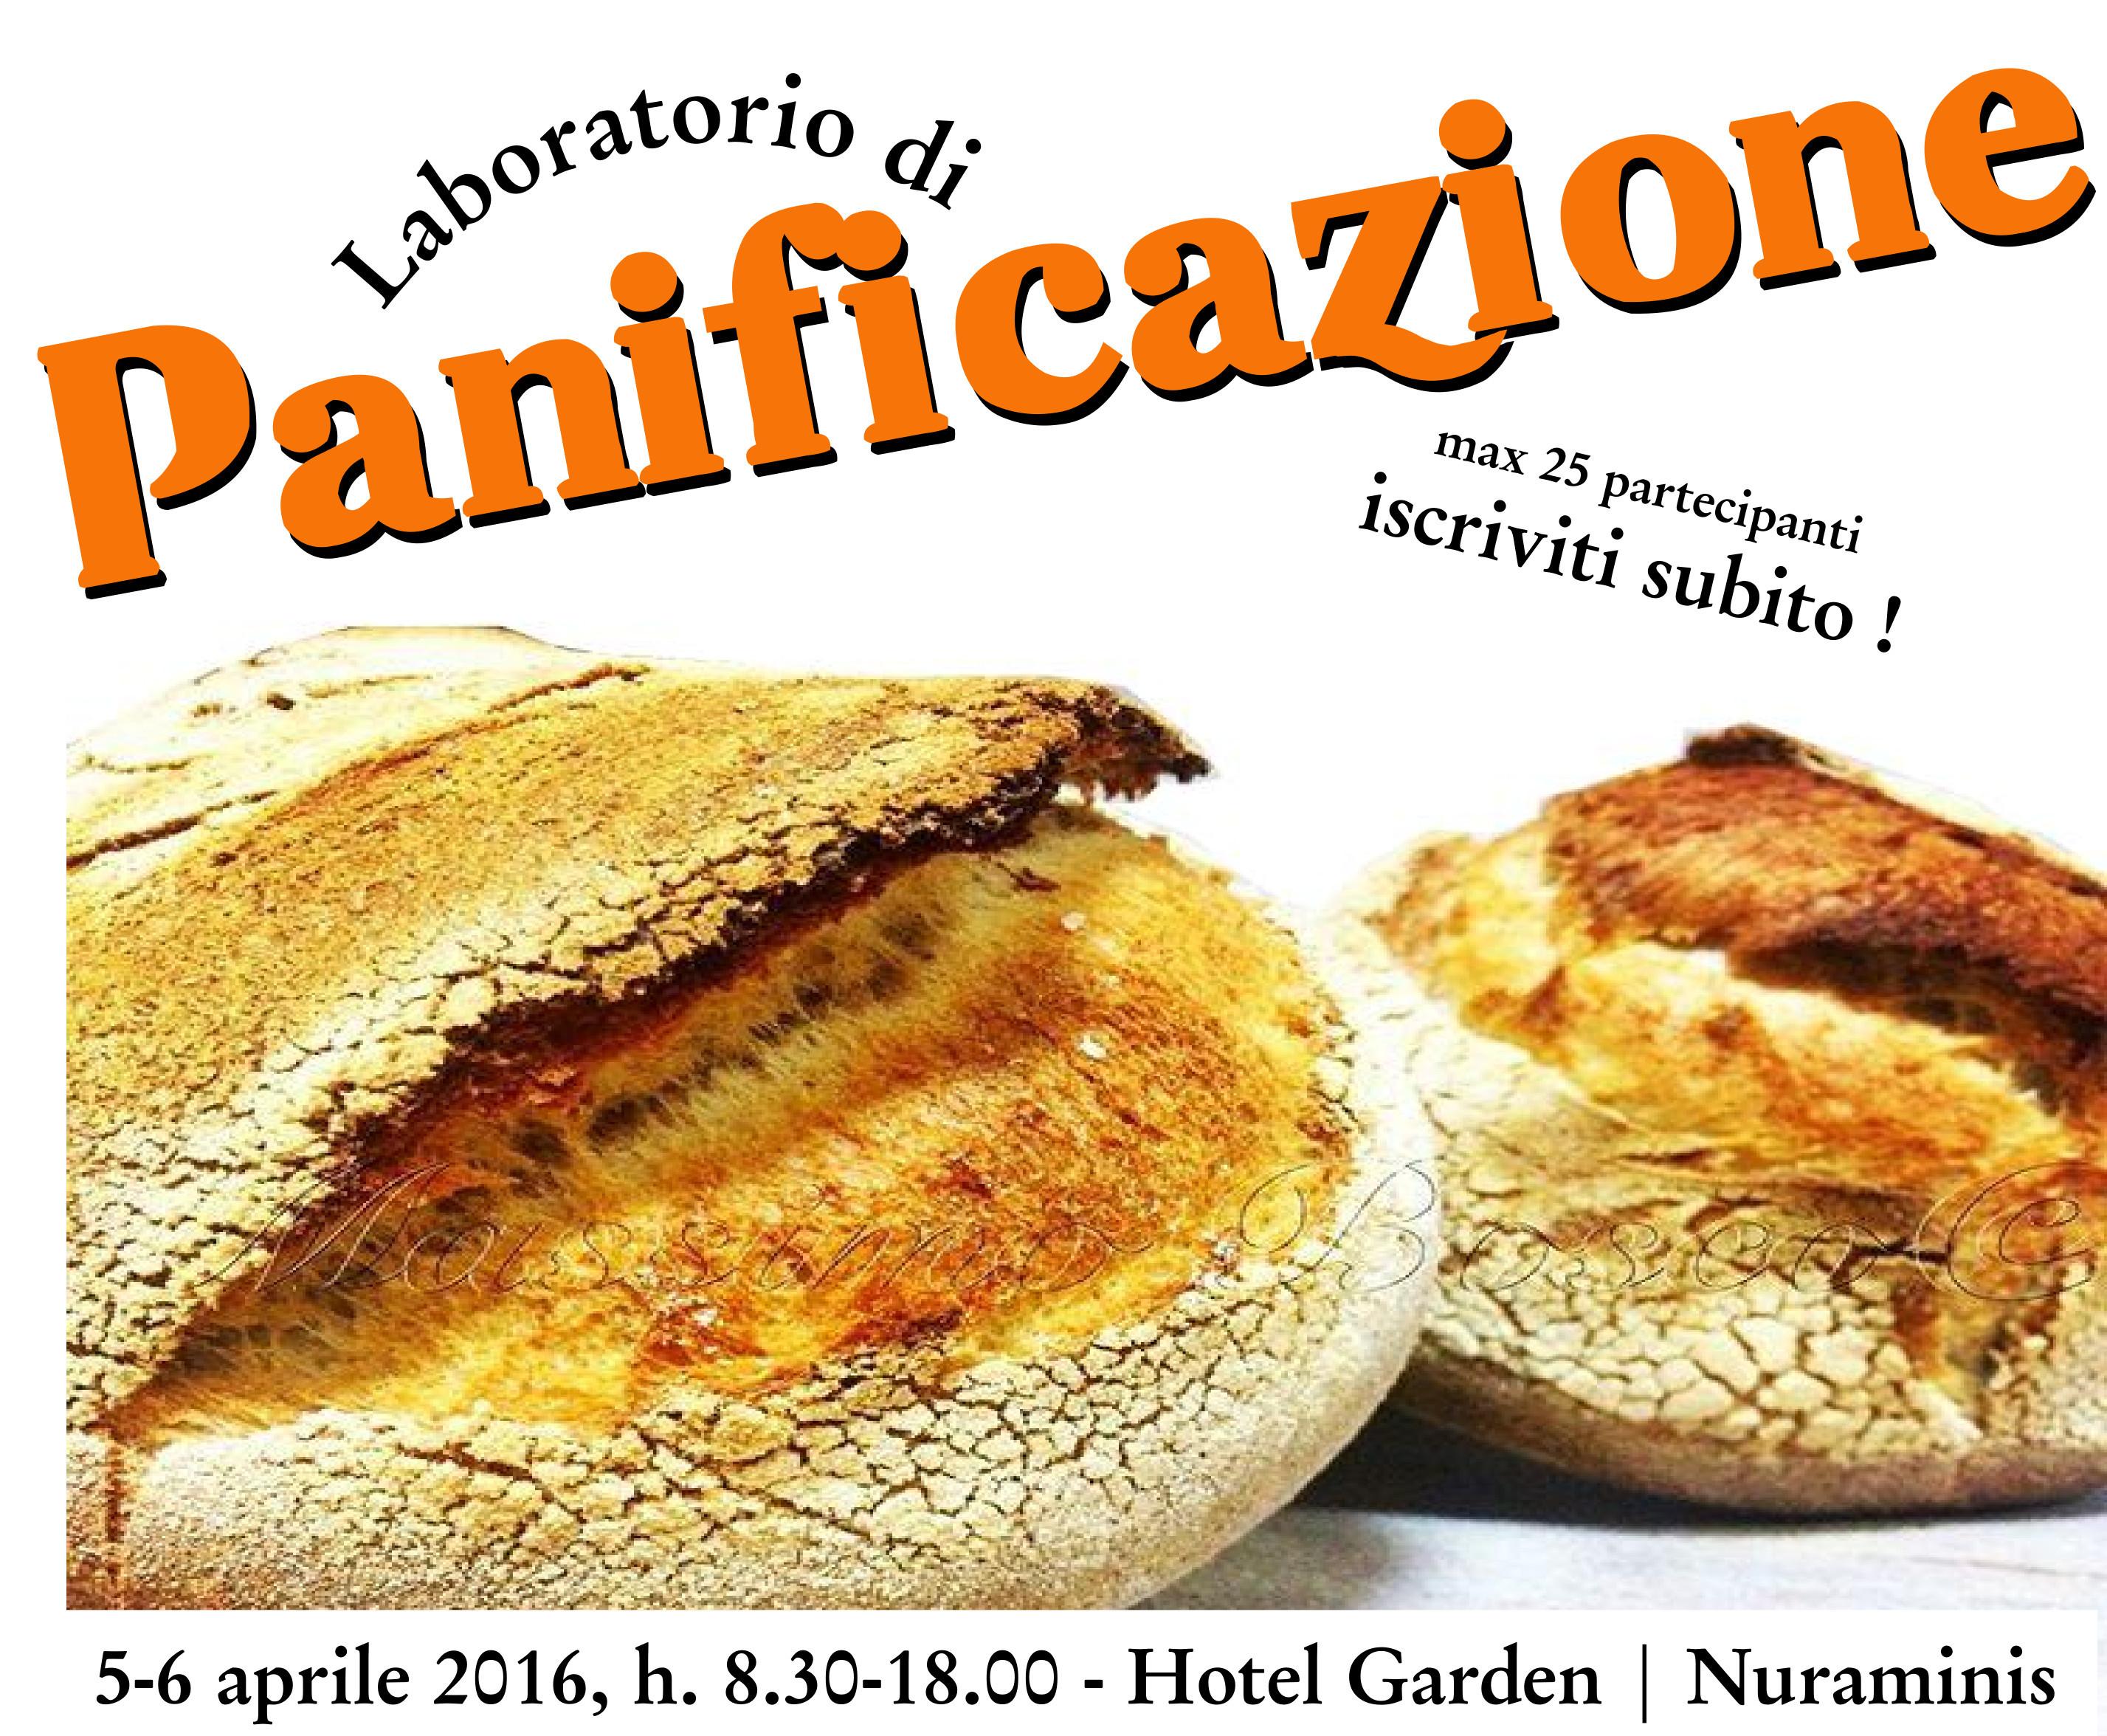 Corso di panificazione il 5 e 6 aprile a Nuraminis: aperte le iscrizioni